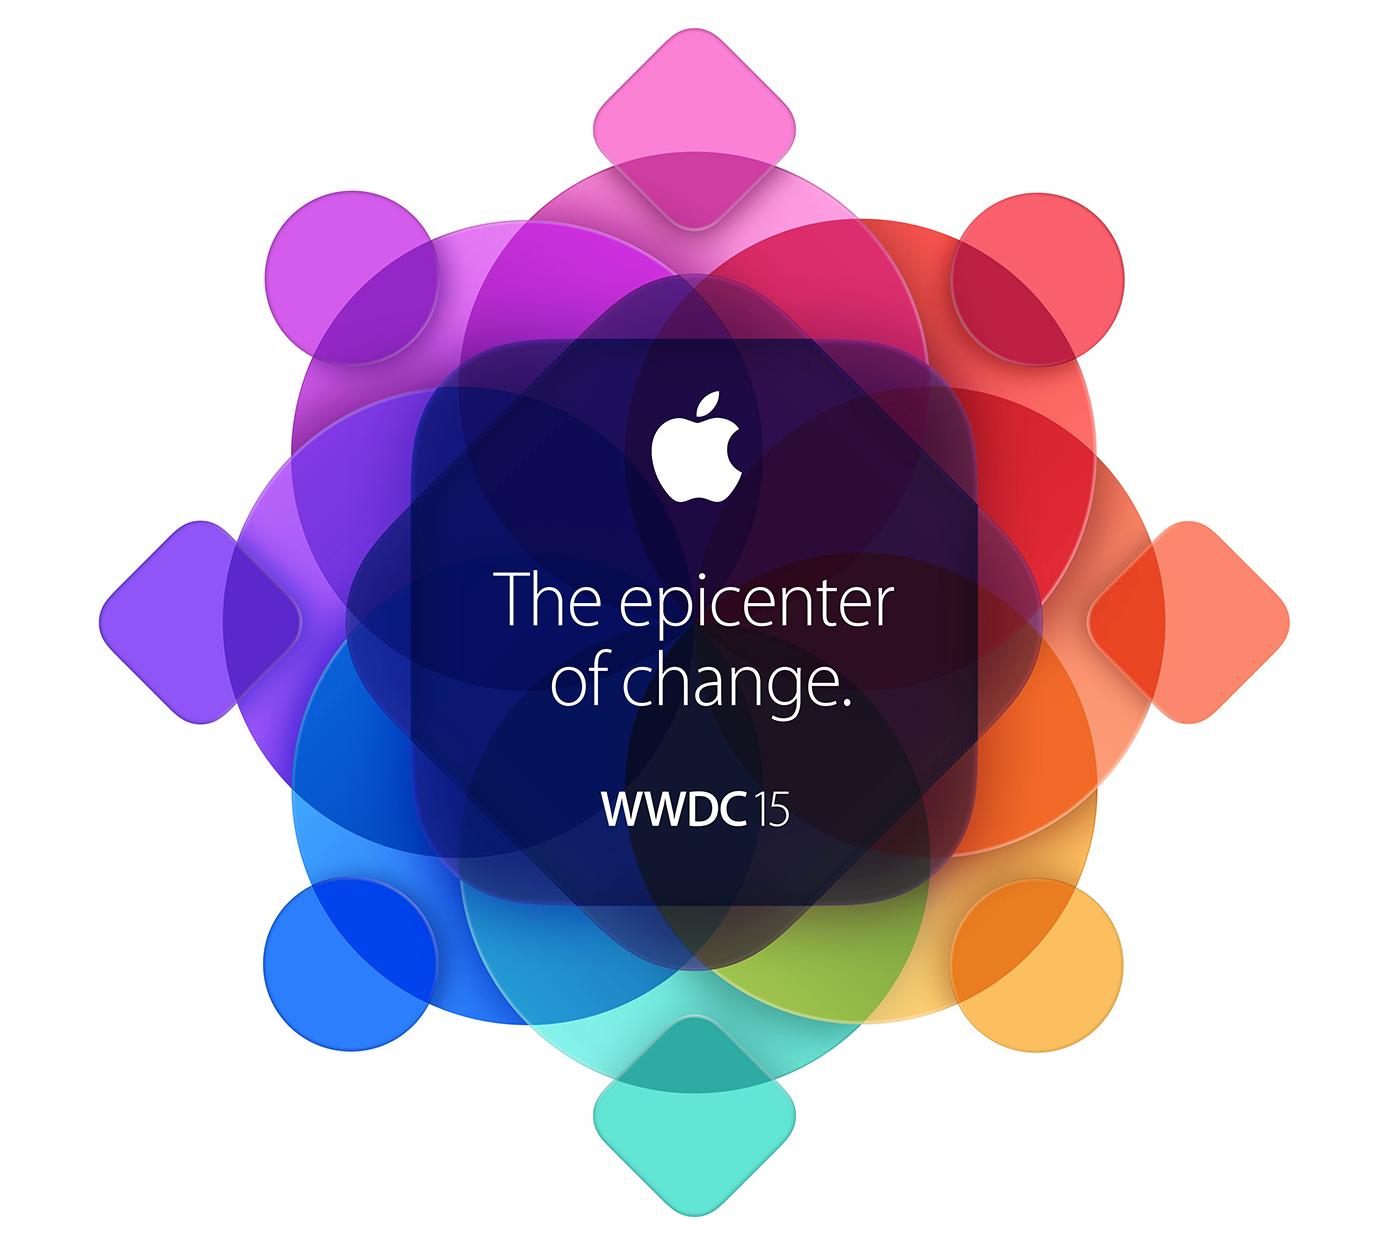 WWDC keynote time